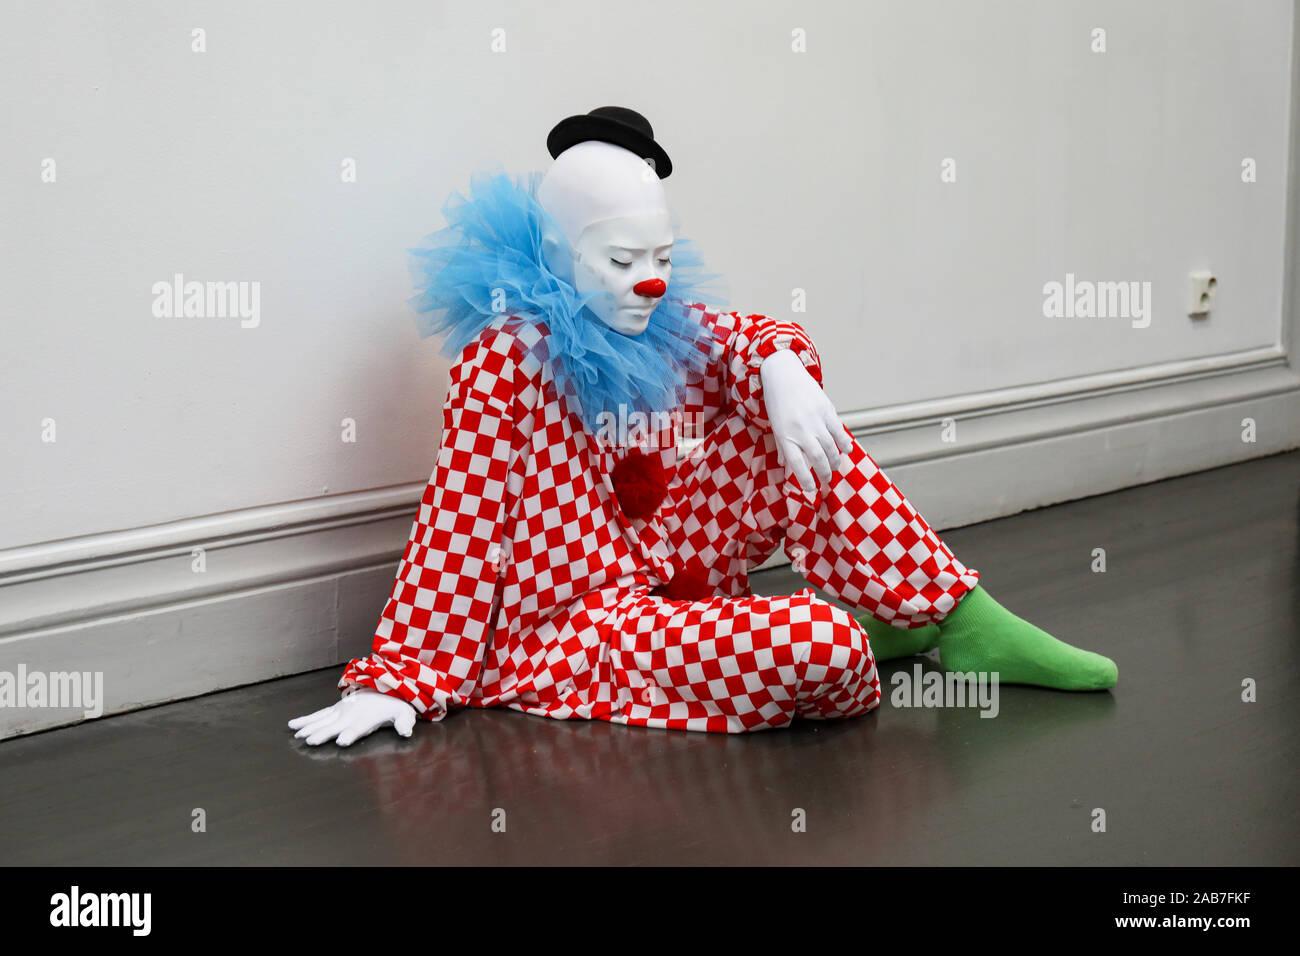 Fiore D/'Acqua Clown Spruzzo Scherzo Novità JOKER Circo Costume Scherzo Compleanno